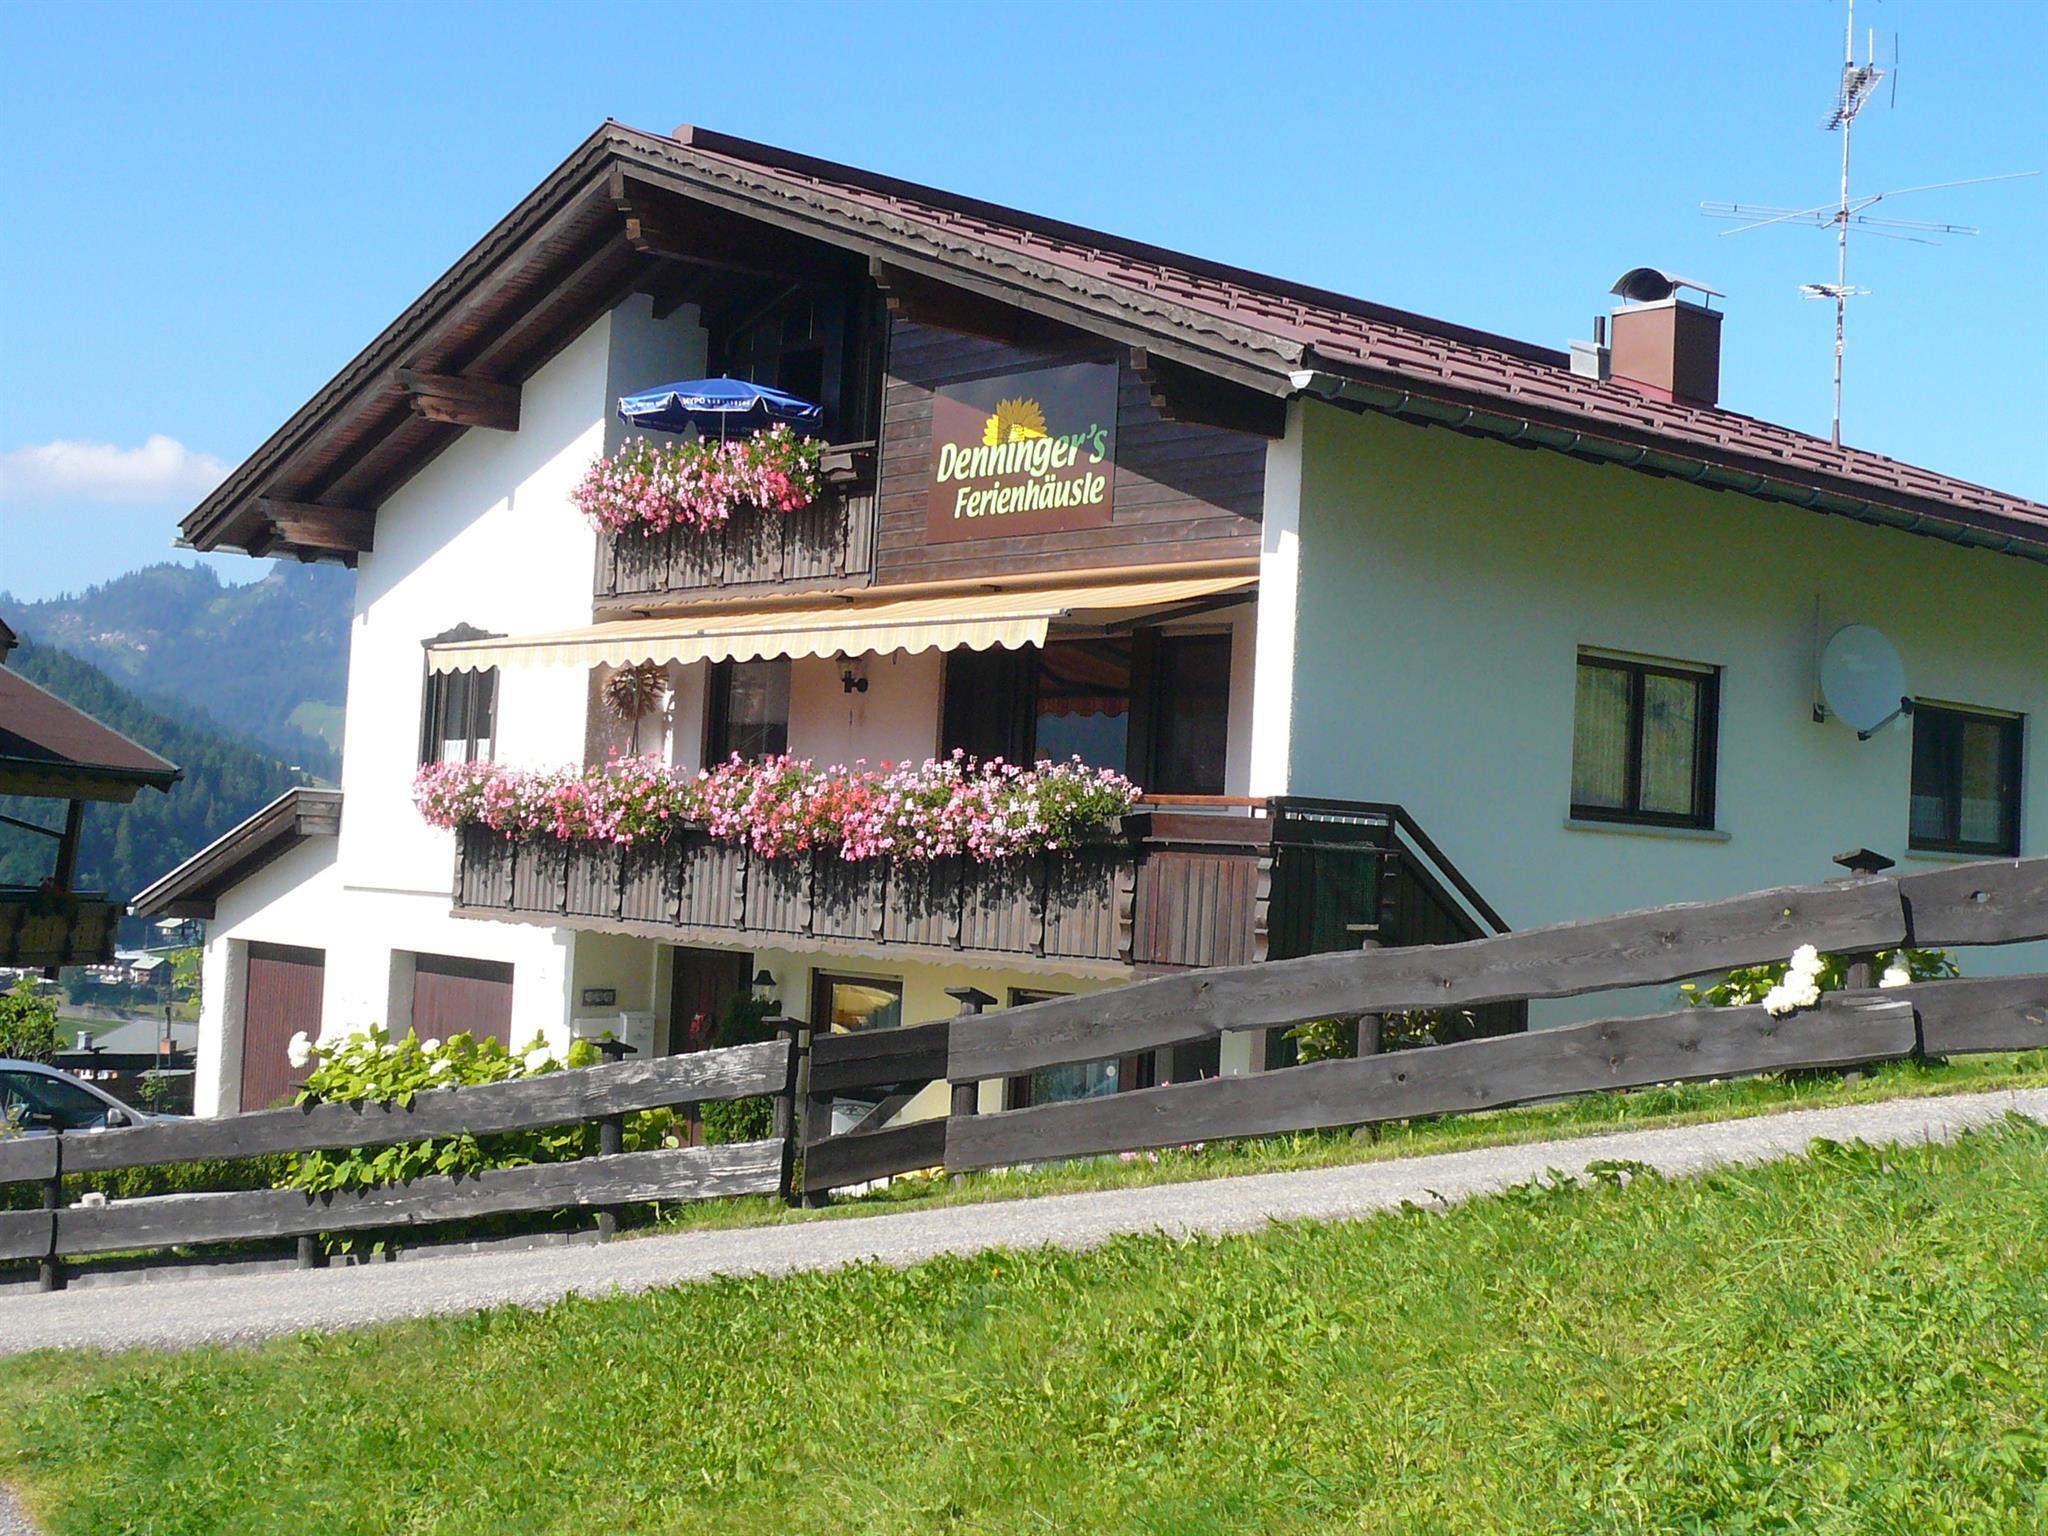 Ferienwohnung Denninger's Ferienhäusle Apartment/2 Schlafräume/Dusche/Bad/WC